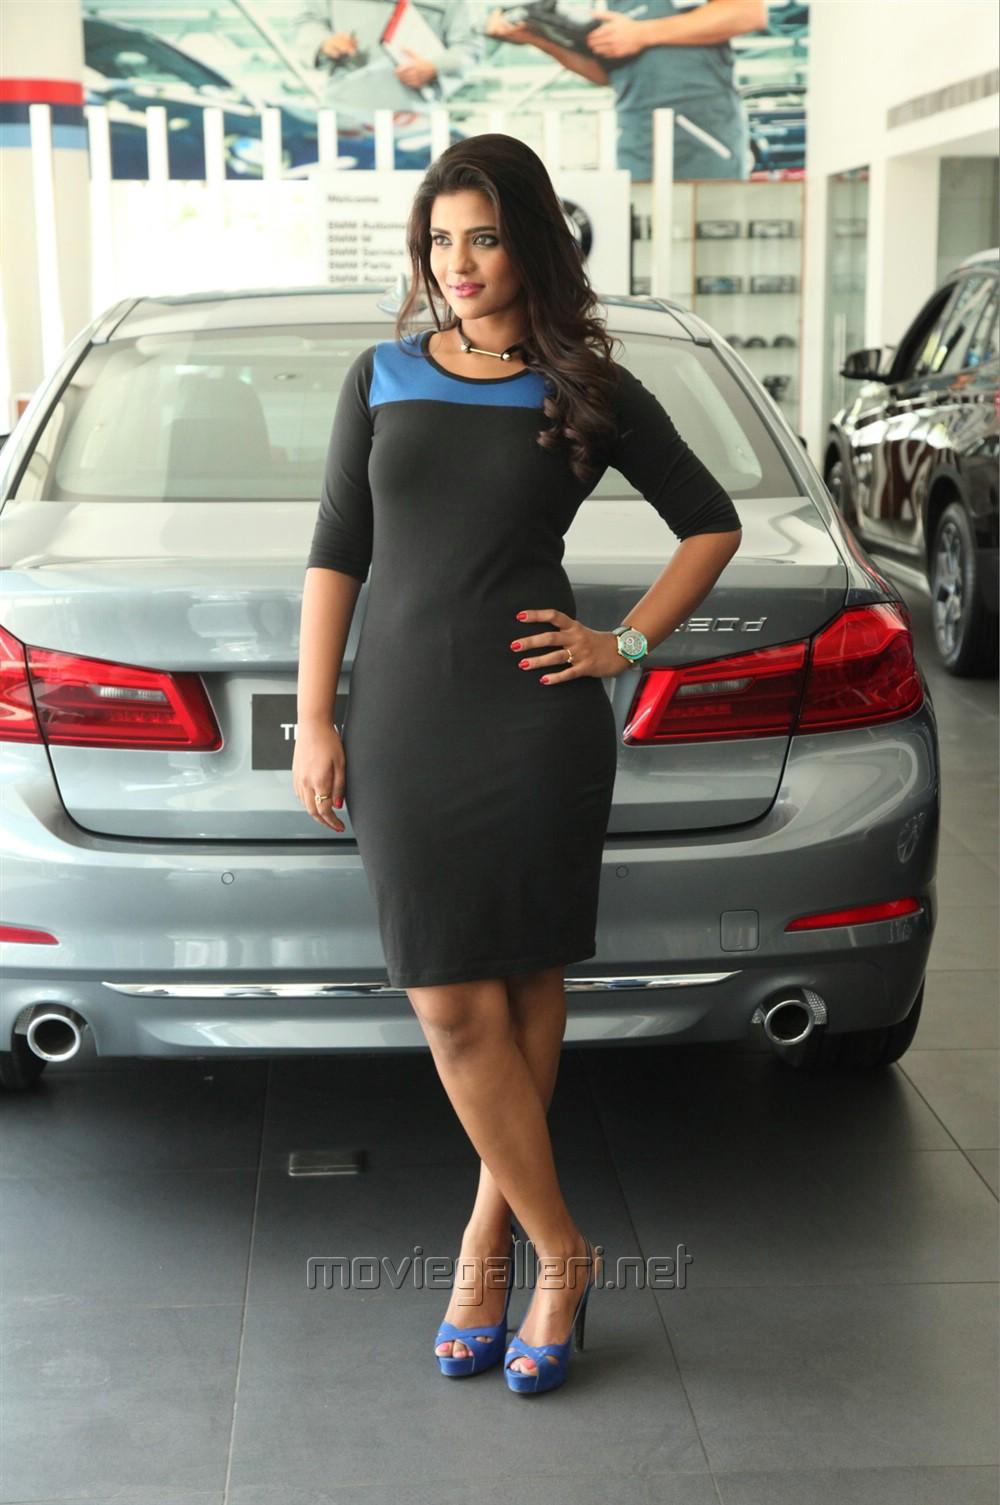 Tamil Actress Aishwarya Rajesh Recent Photos